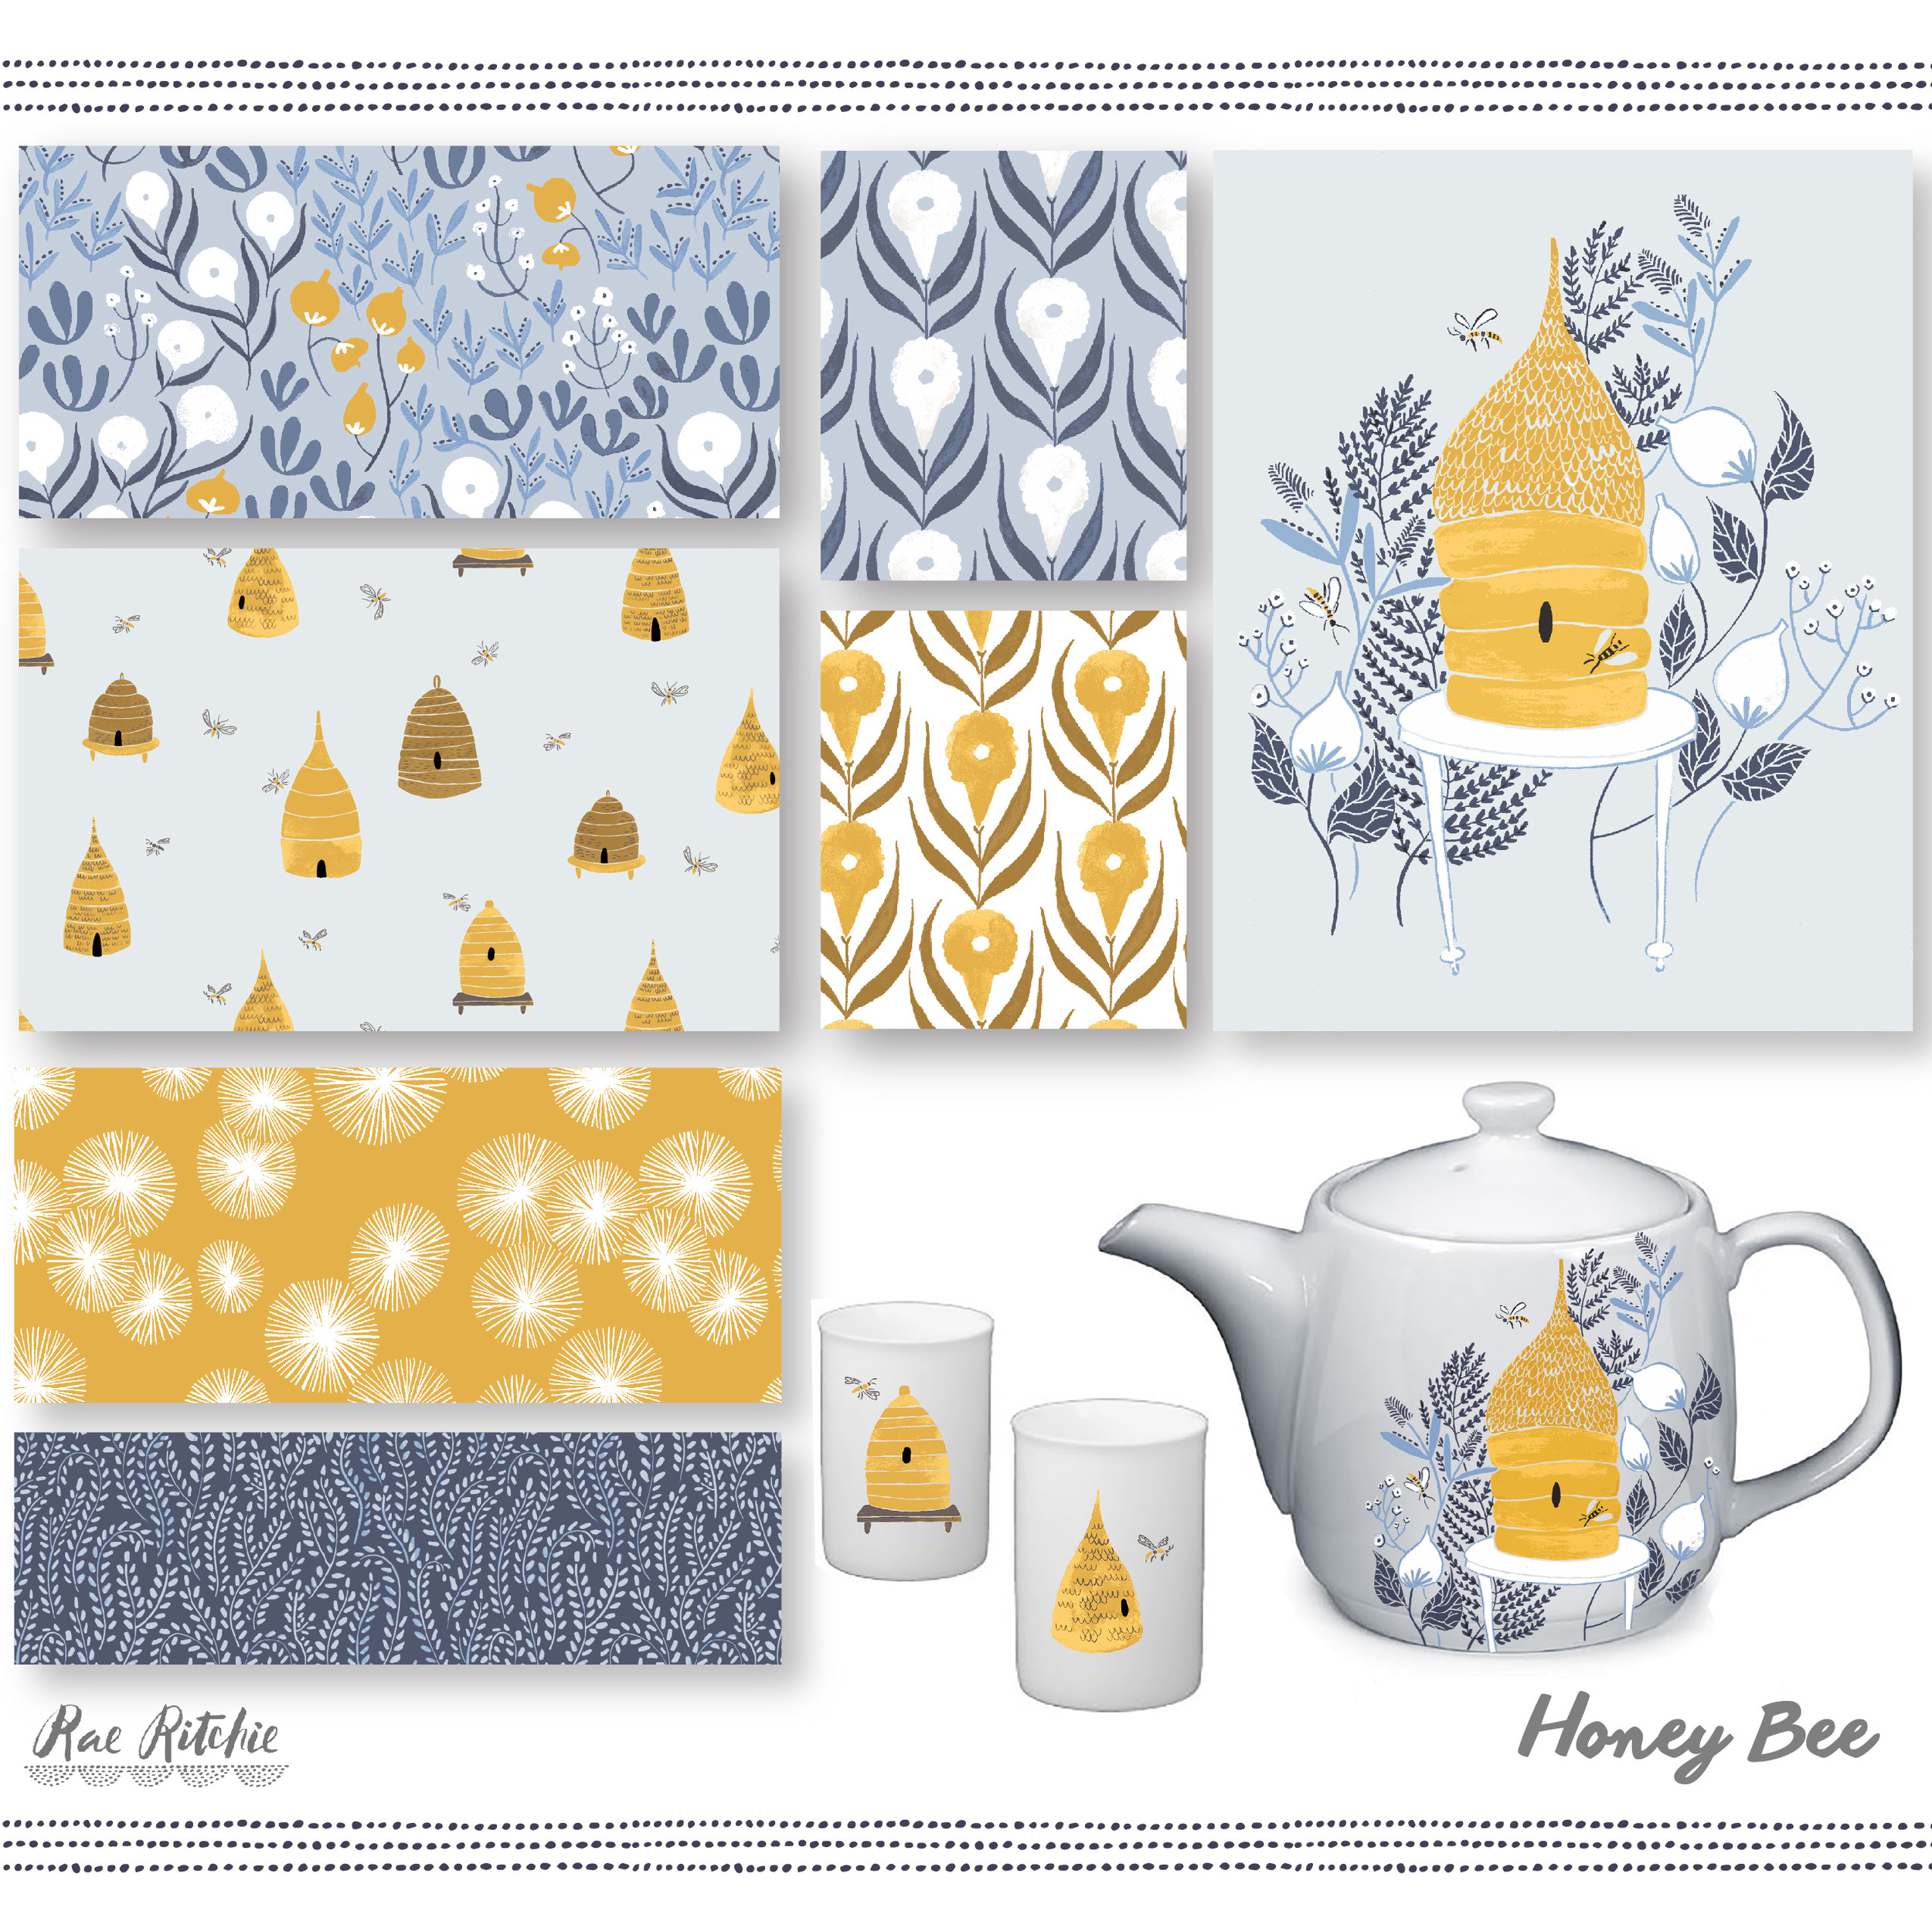 Honey Bee-Rae Ritchie.jpg